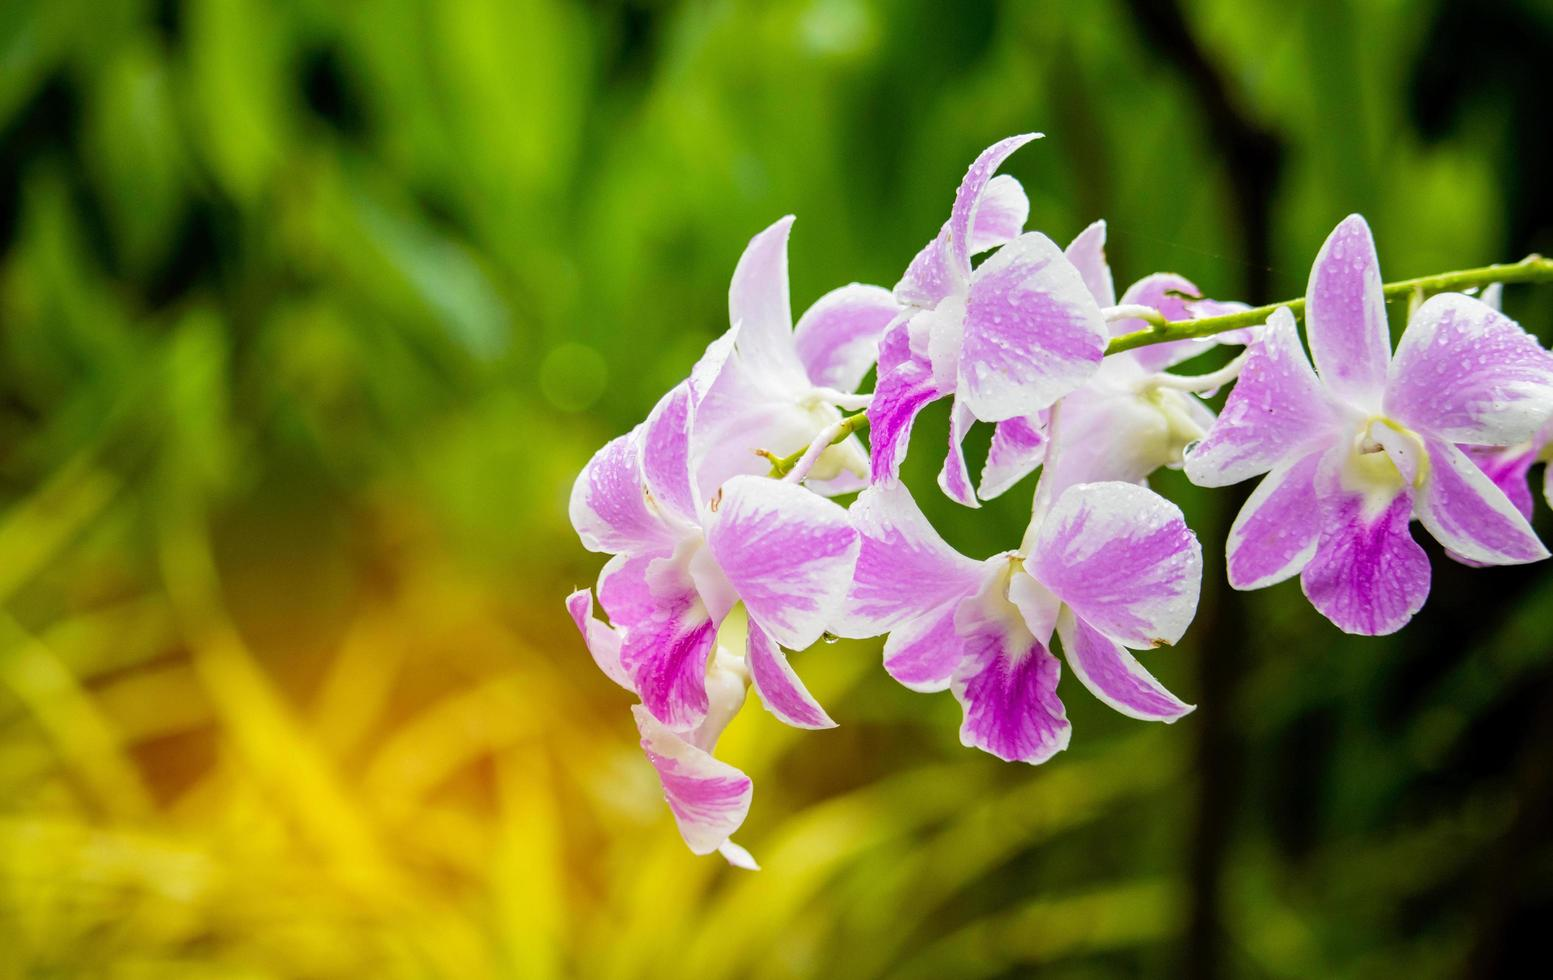 orchideeën bloeien op een groene natuurlijke achtergrond foto